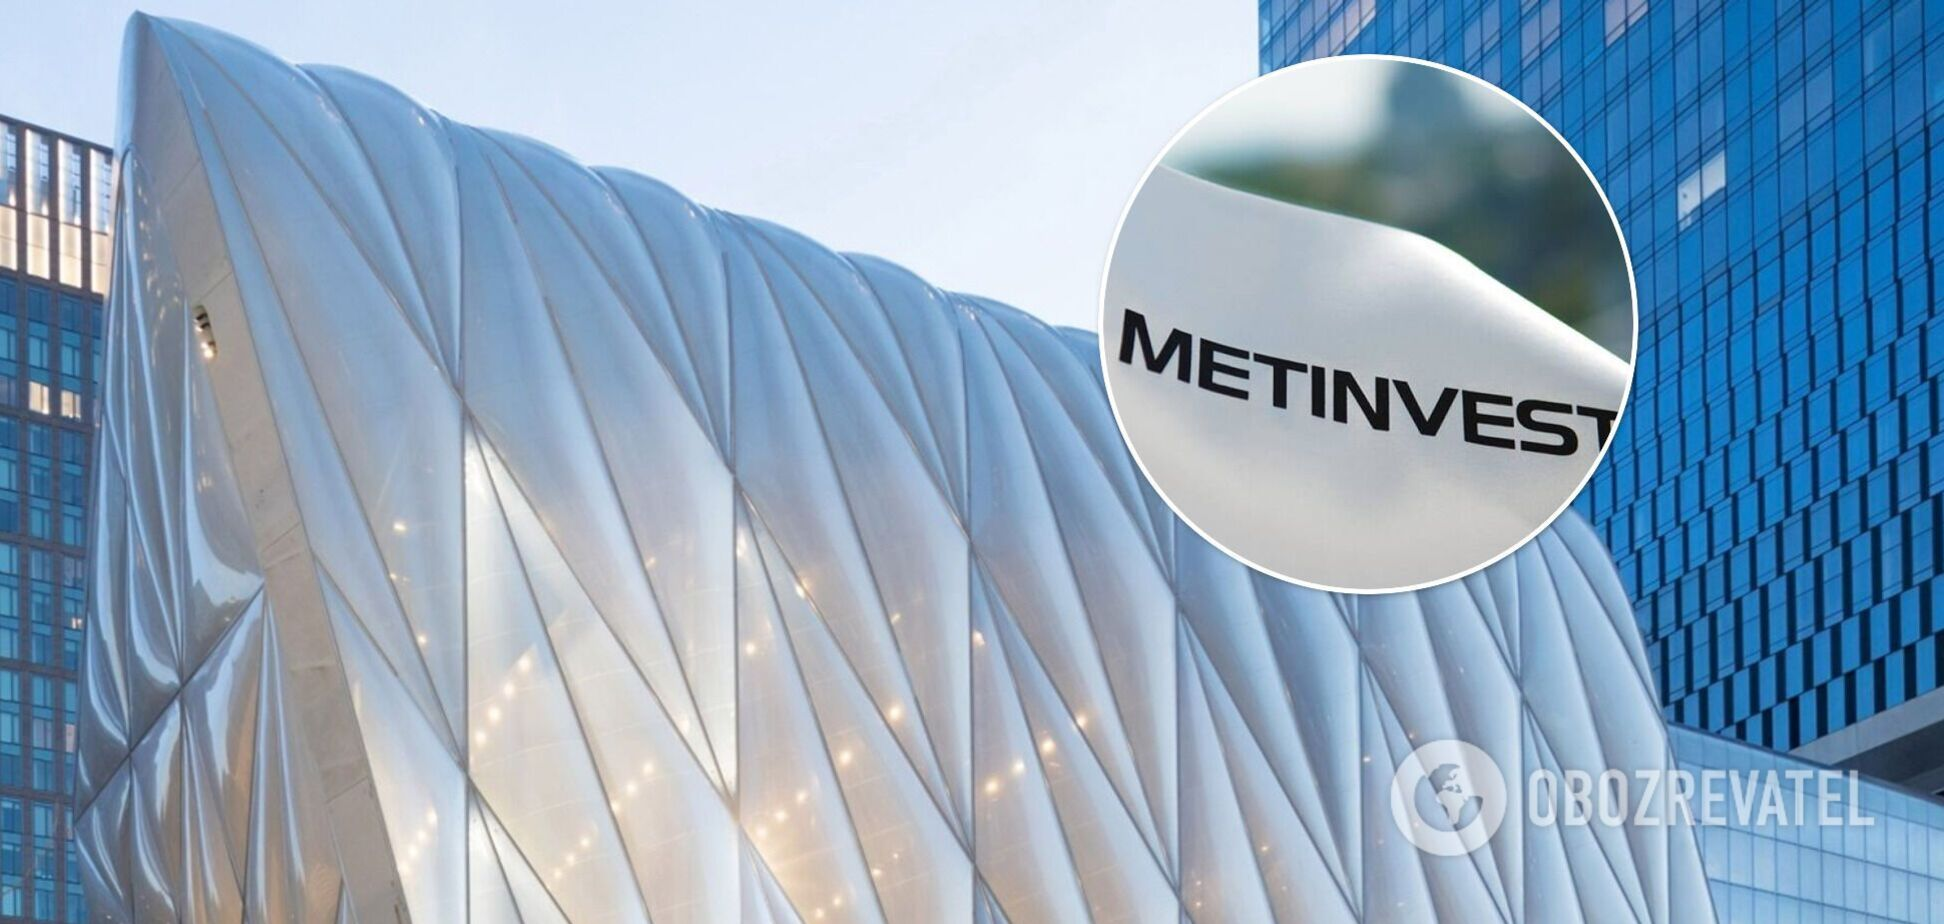 'Метинвест' принял участие в строительстве культурногоцентра The Shed